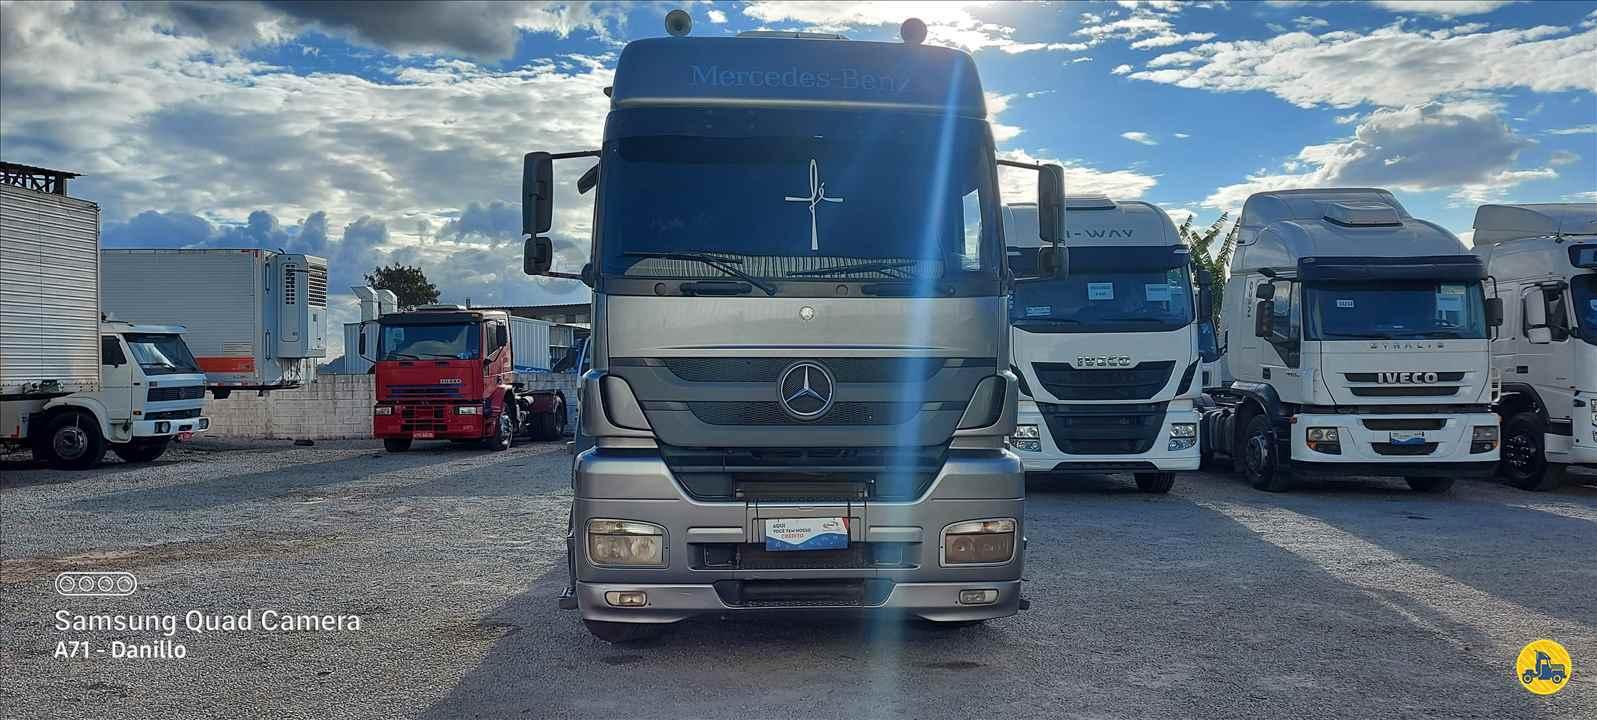 CAMINHAO MERCEDES-BENZ MB 2544 Cavalo Mecânico Truck 6x2 13 de Maio Caminhões BETIM MINAS GERAIS MG